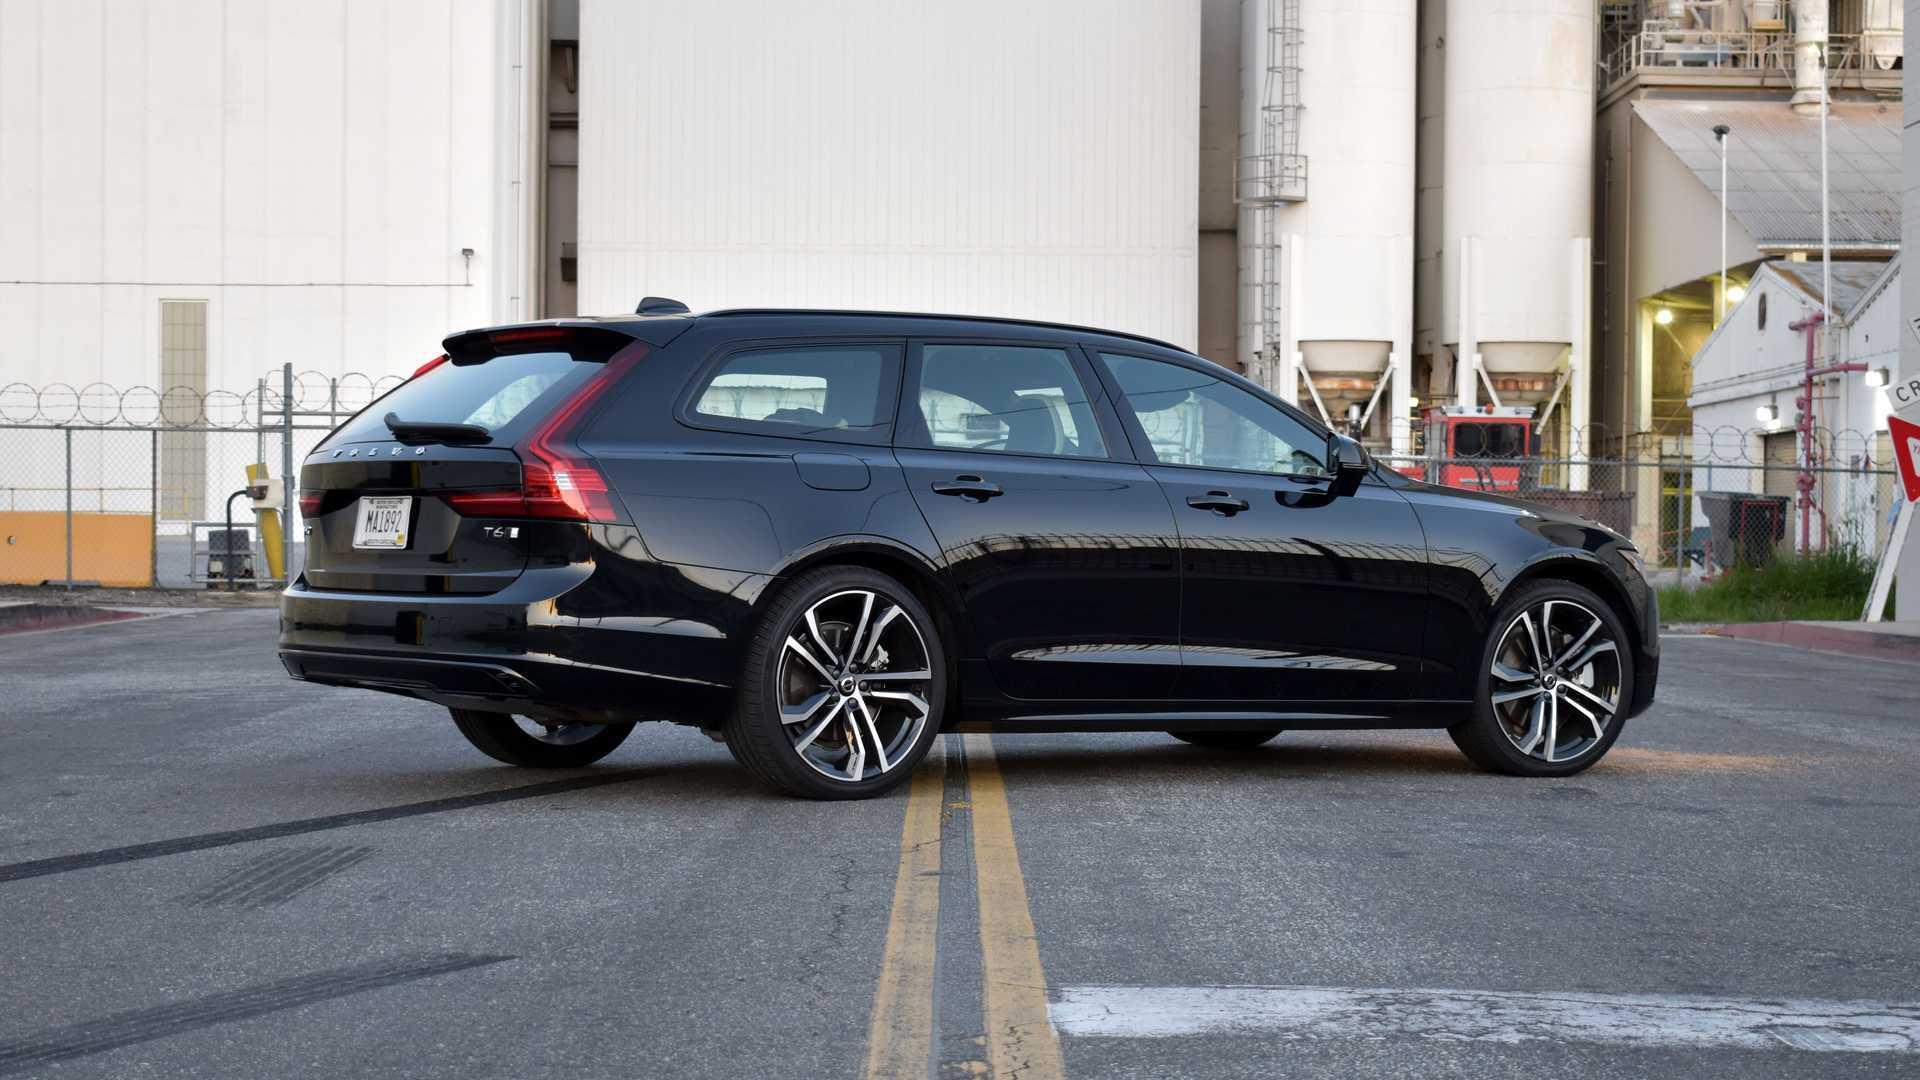 2021-volvo-v90-t6-r-design-awd-exterior-rear-quarter.jpg